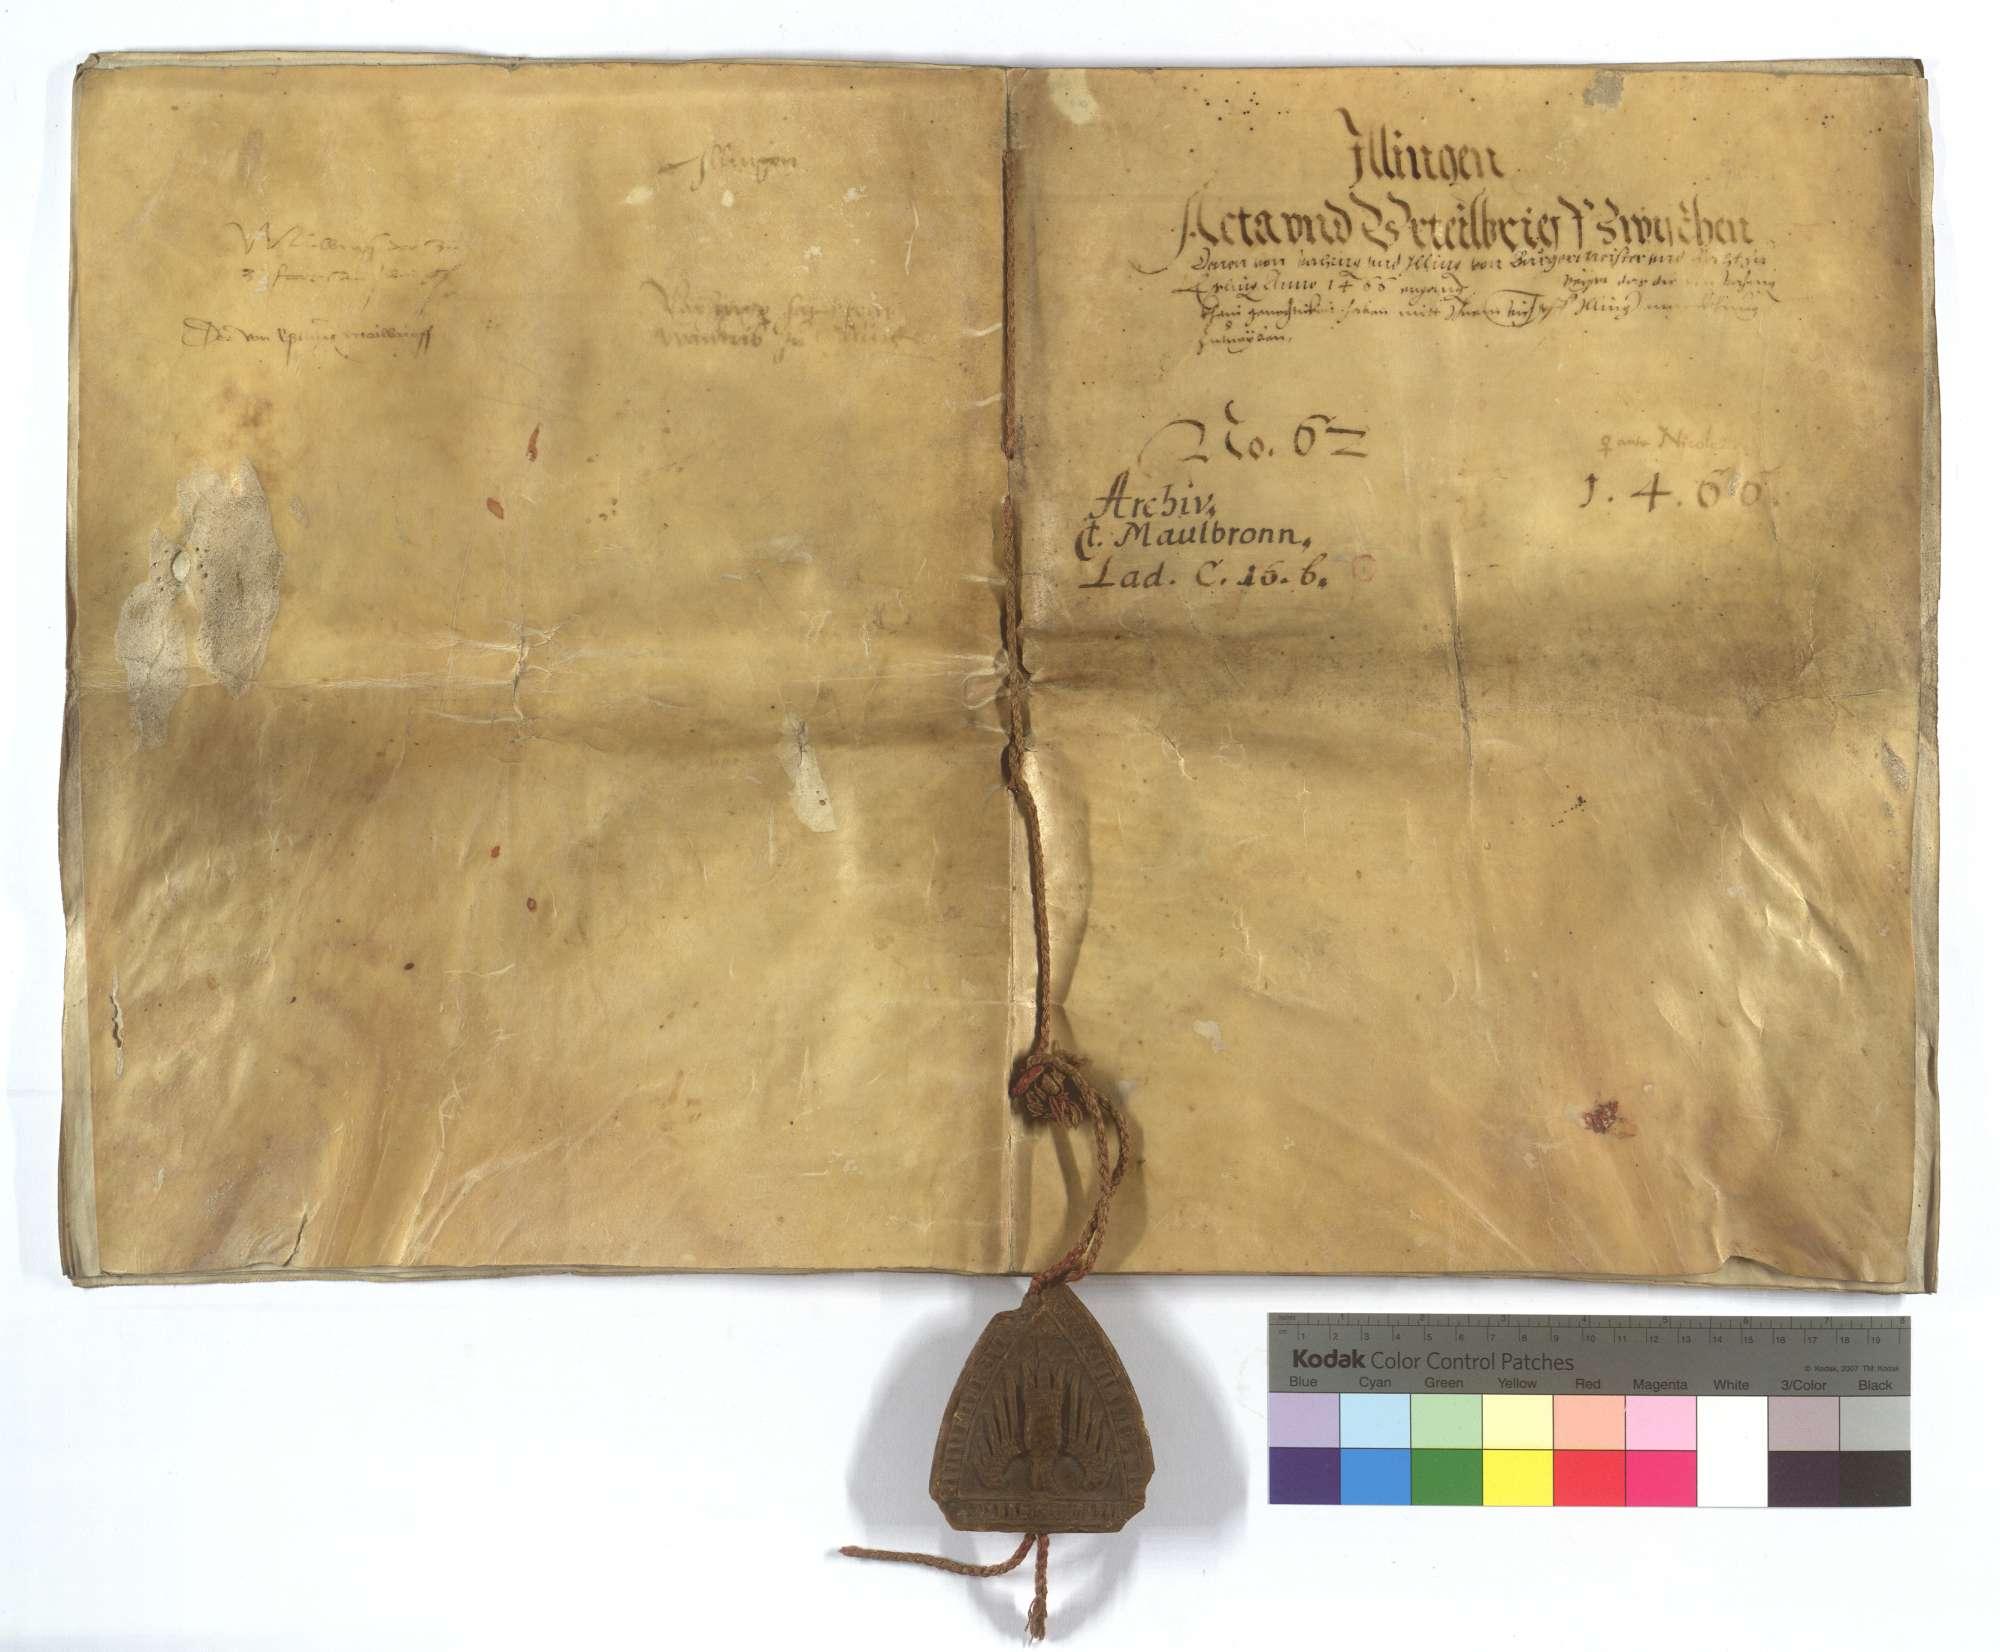 Acta und Urteilsbrief von Bürgermeister und Rat von Esslingen (Eßlingen), dass die von Vaihingen keine Gerechtigkeit haben, mit ihrem Vieh auf Illinger Markung zu treiben., Bild 1